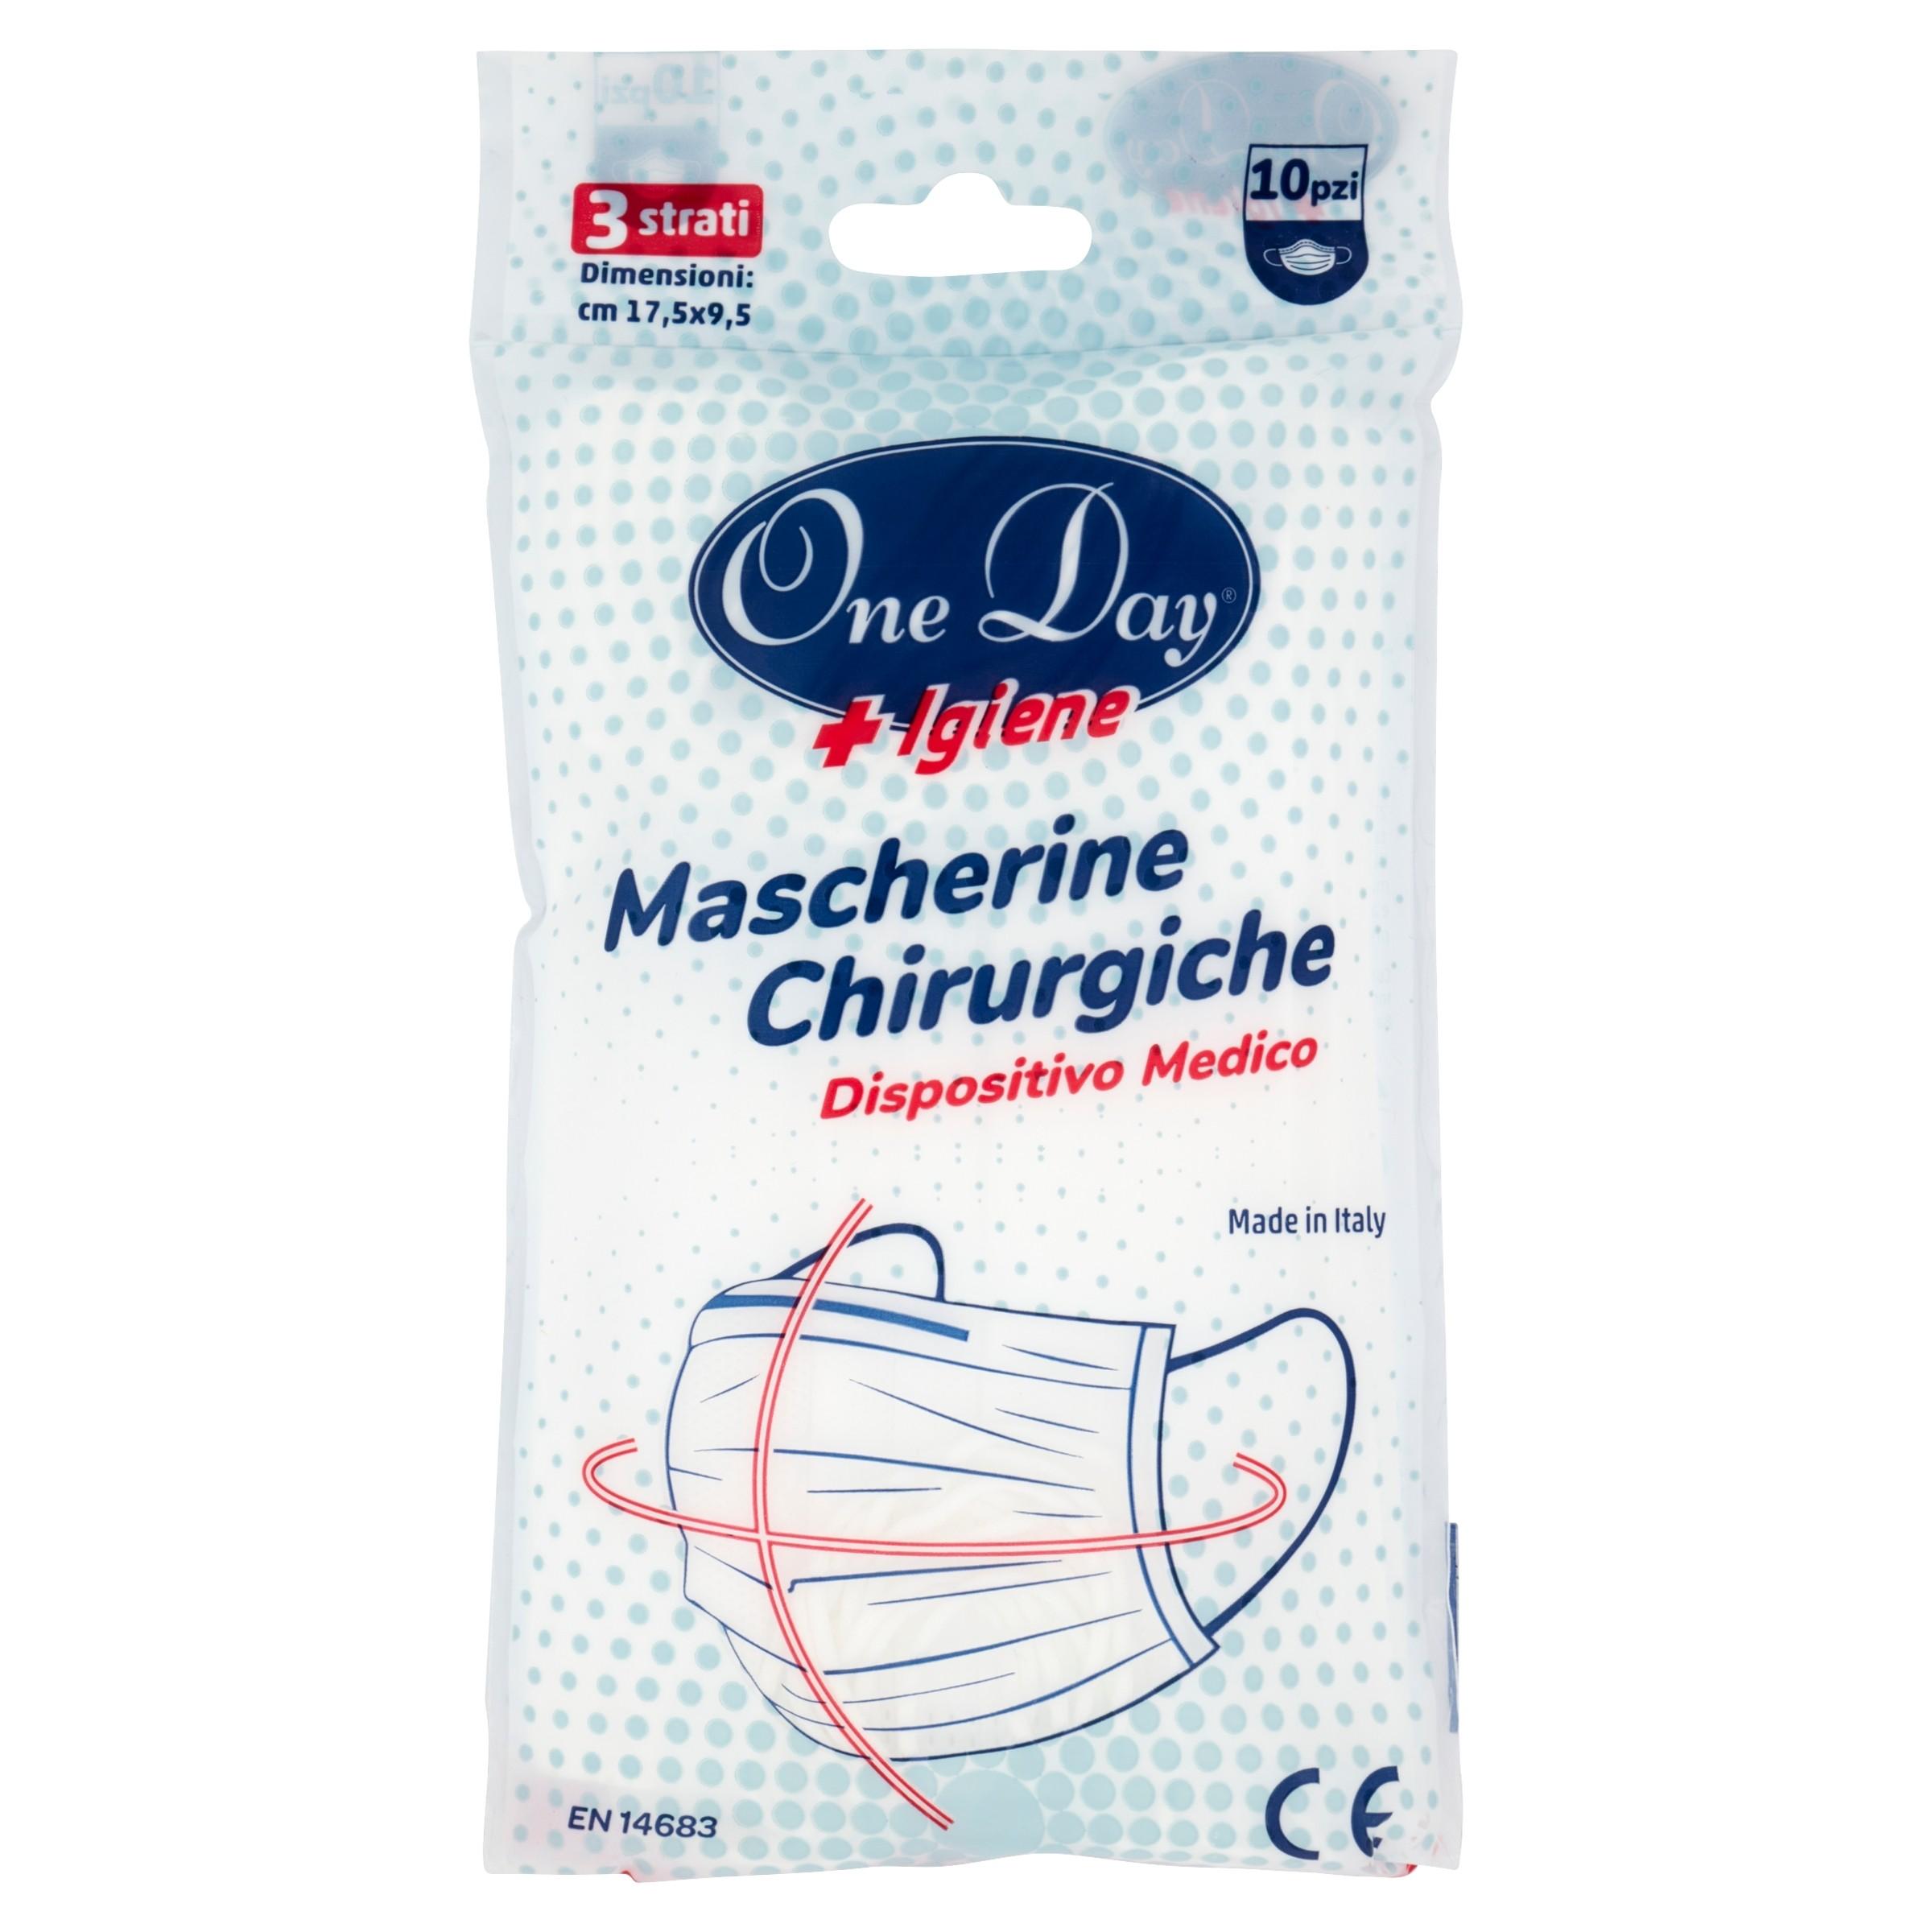 MASCHERINE CHIRURGICHE TIPO IIR 10 PZ